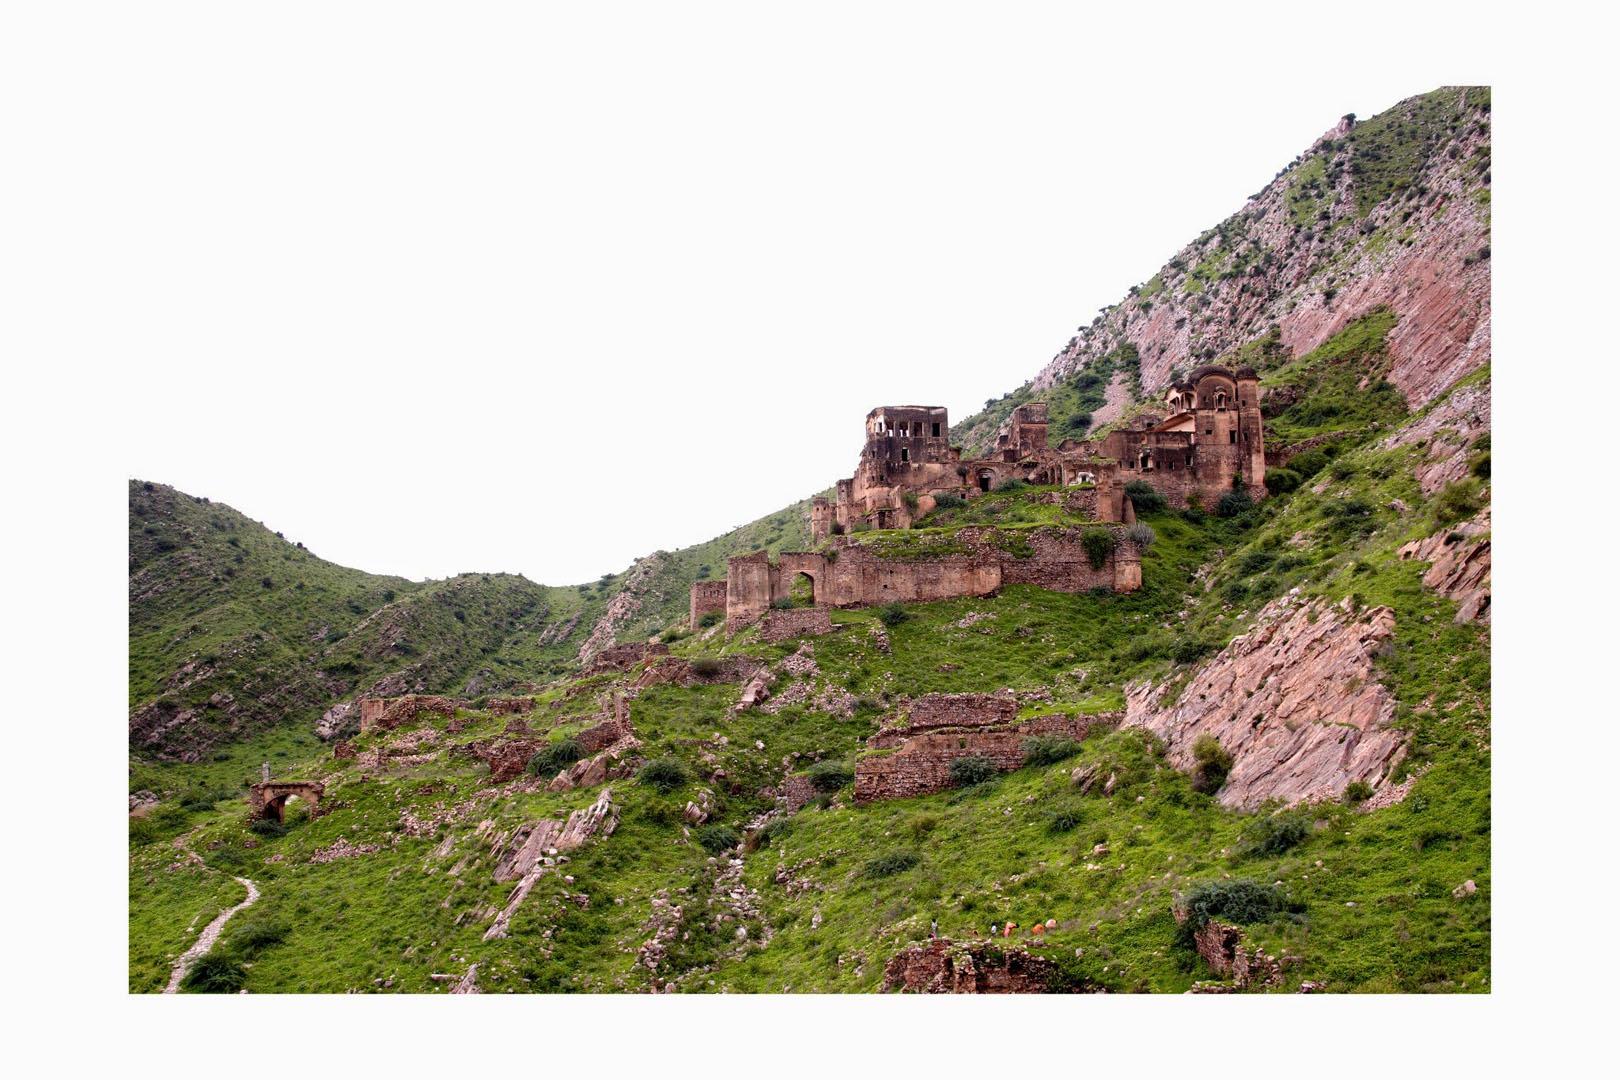 Badal_Mahal_Old_Palace